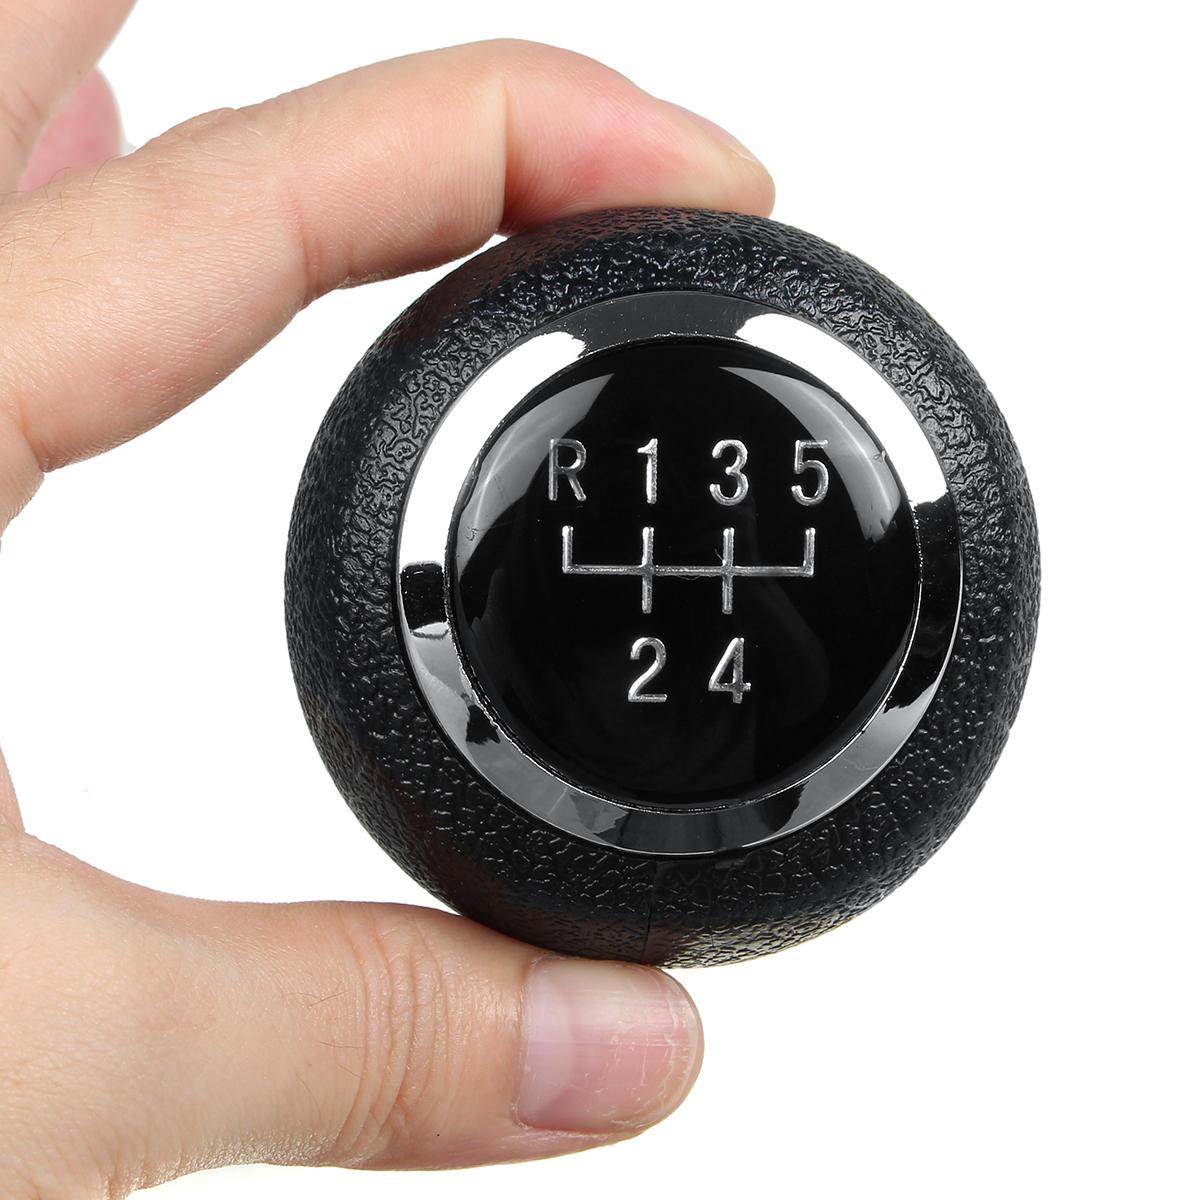 Cabezal de cambio de perilla de engranaje ABS de 5 velocidades para Chevrolet Holden Cruze 09-16 / Epica 07-11